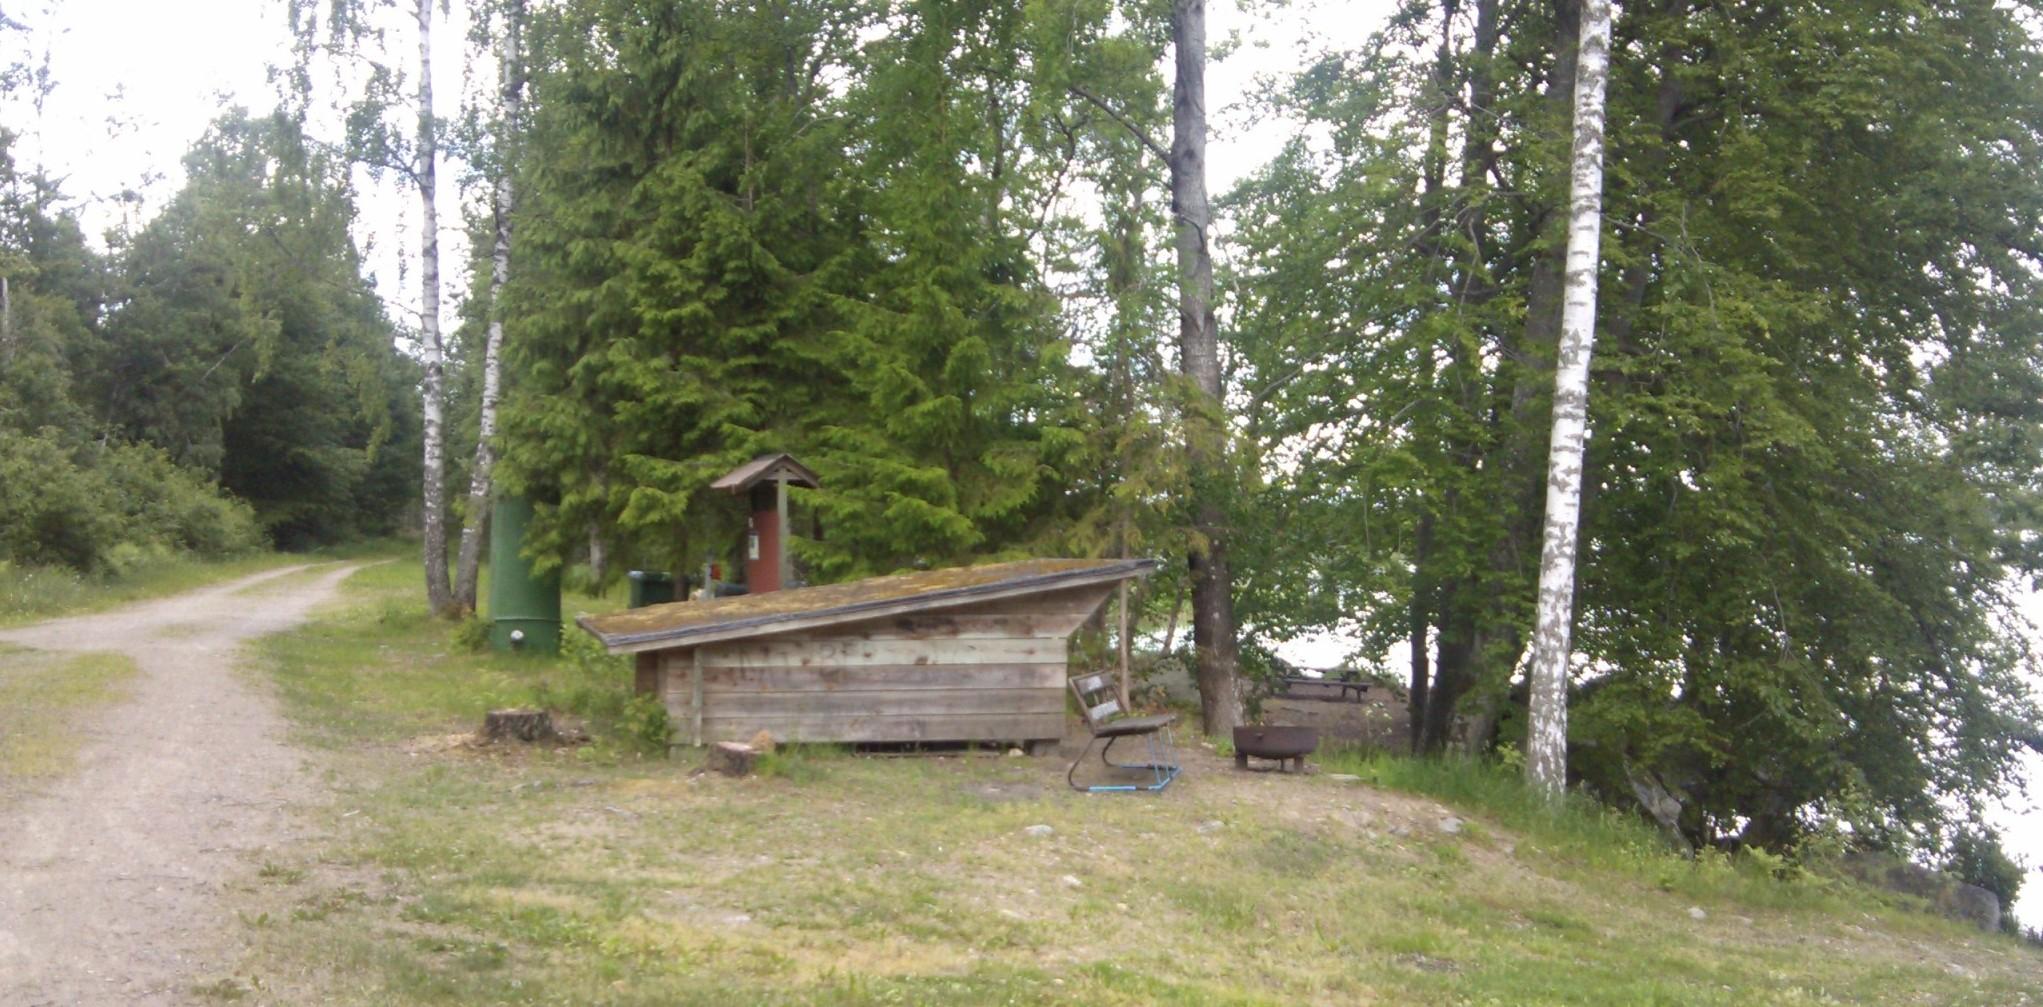 Åsnen - Wasserwander- Rastplatz mit Schlafhütte